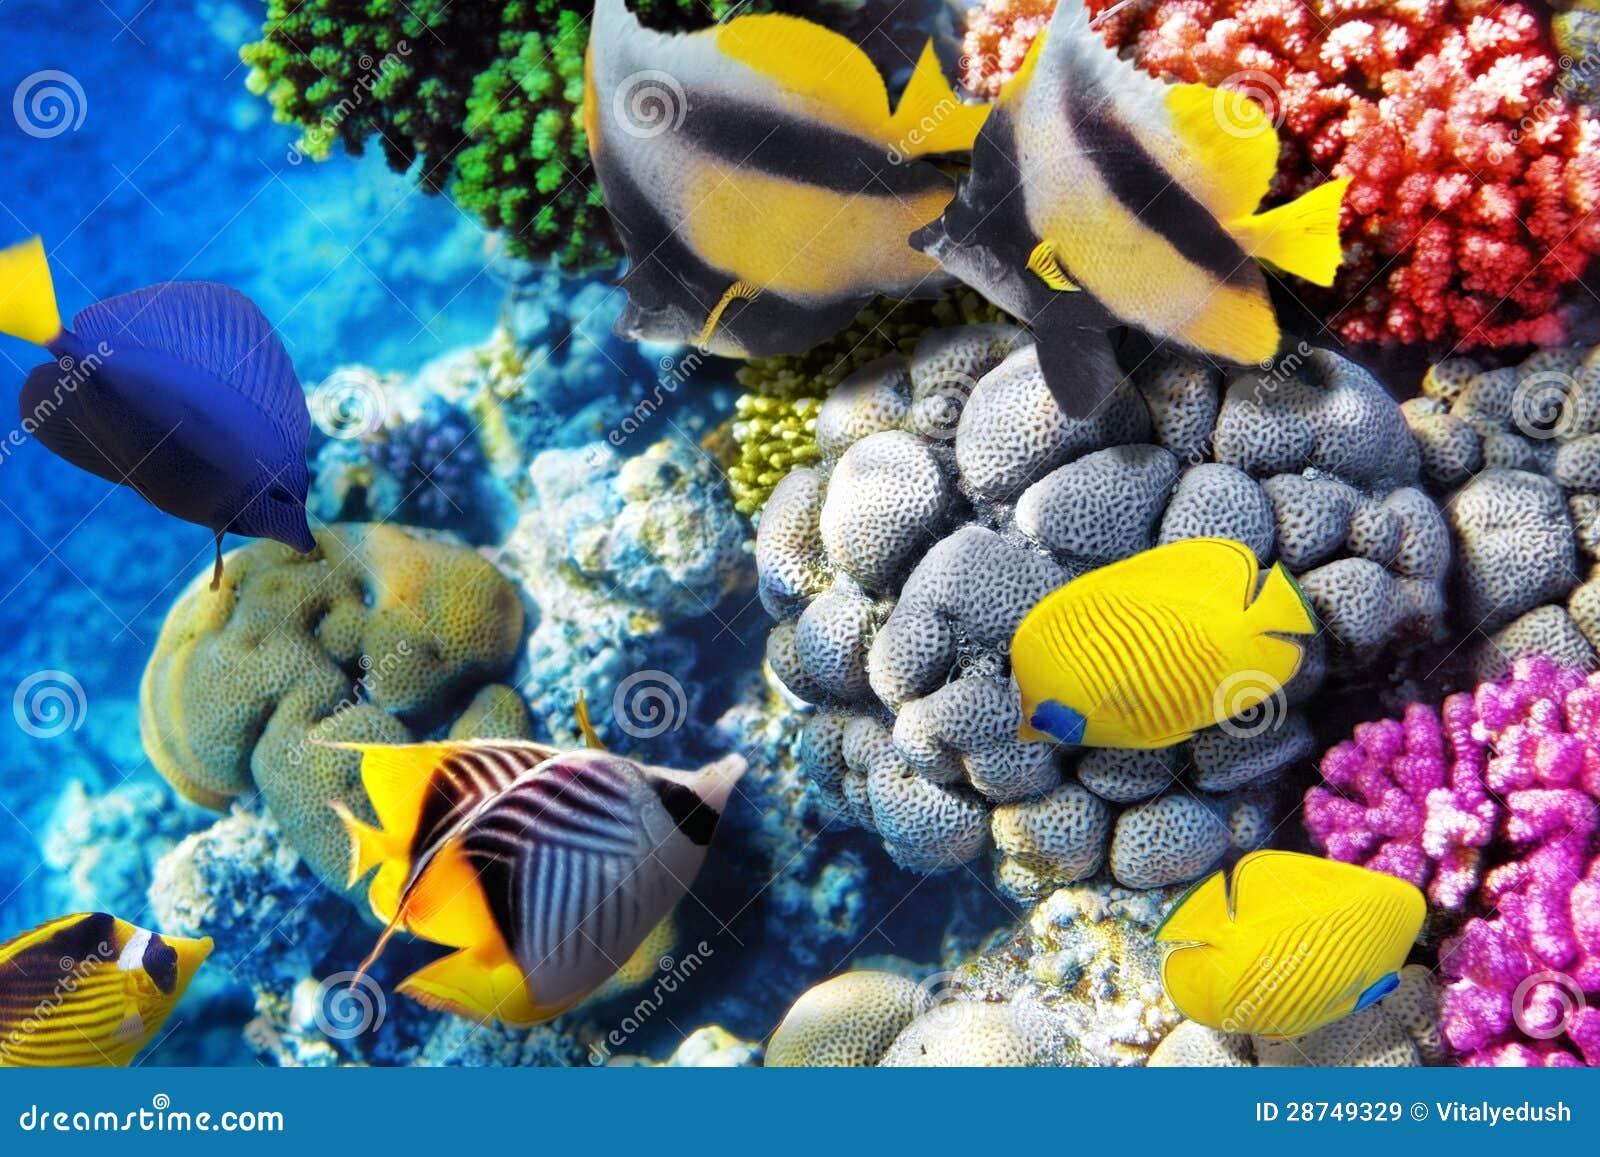 Corail et poissons en mer rouge l 39 egypte afrique images for Achat poisson rouge nice